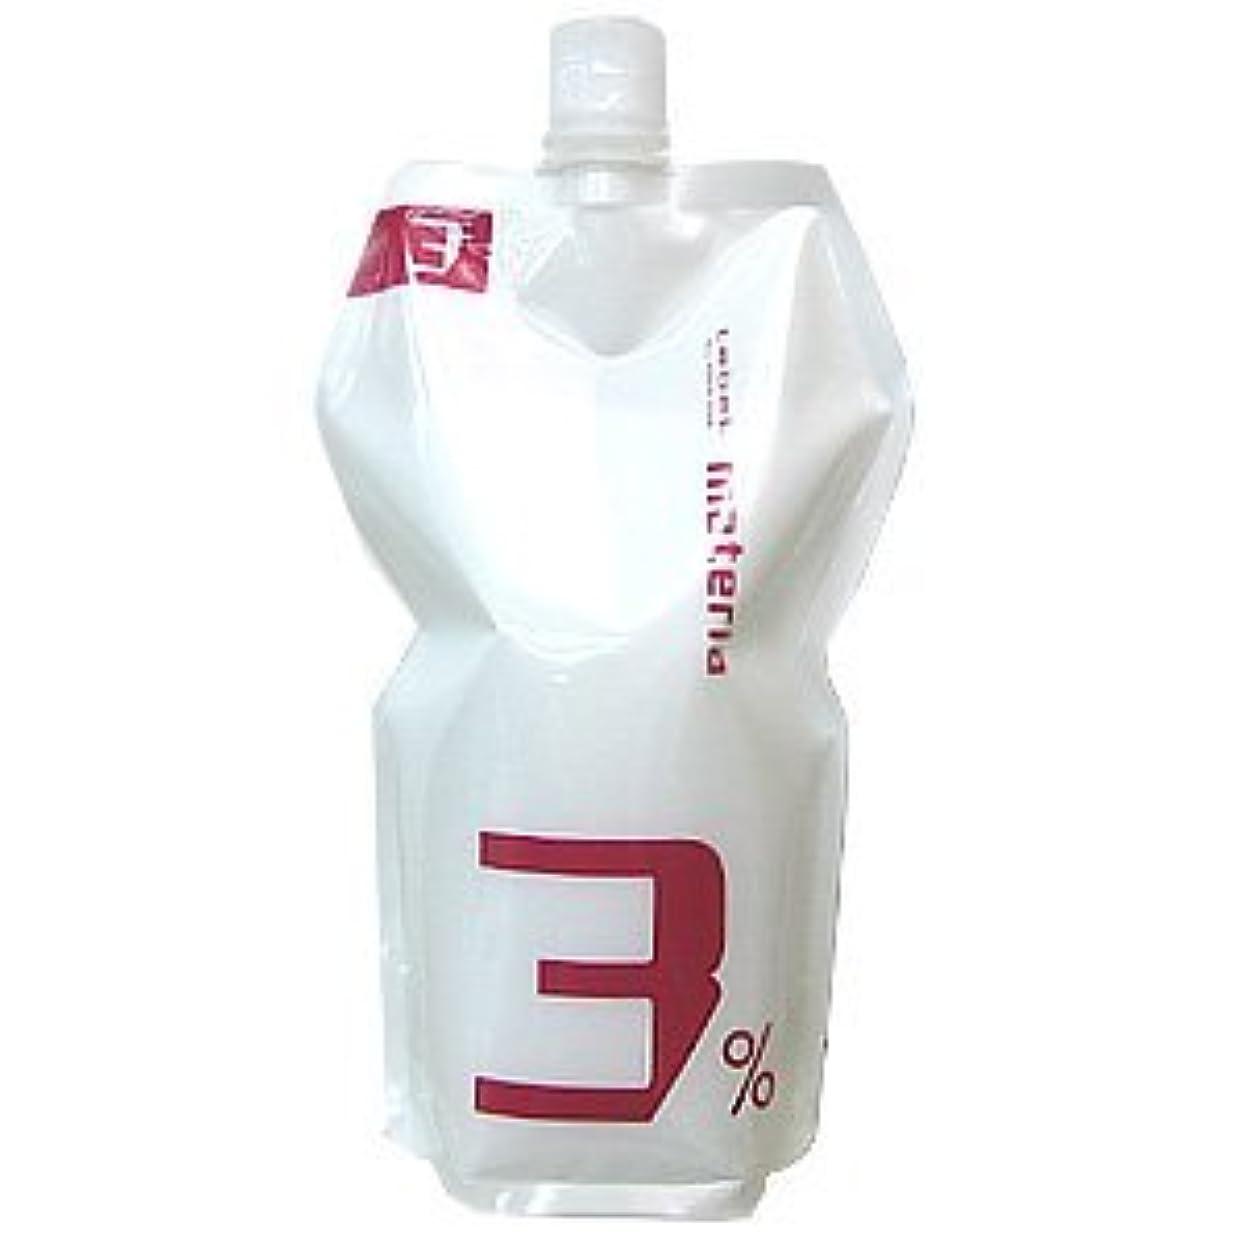 こどもの宮殿塩不当ルベル マテリア オキシ 1000ml 3% 【ヘアカラー2剤】【業務用】【医薬部外品】